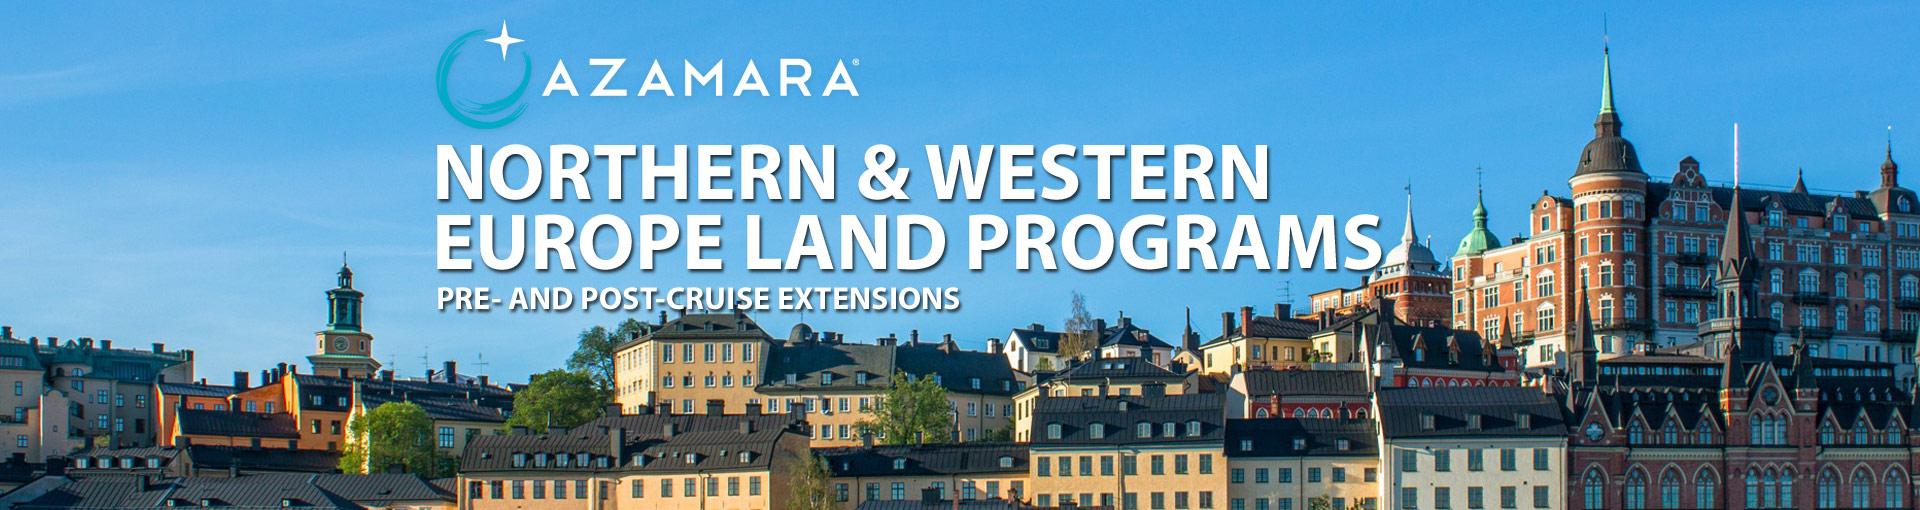 Azamara Northern Europe Land Programs